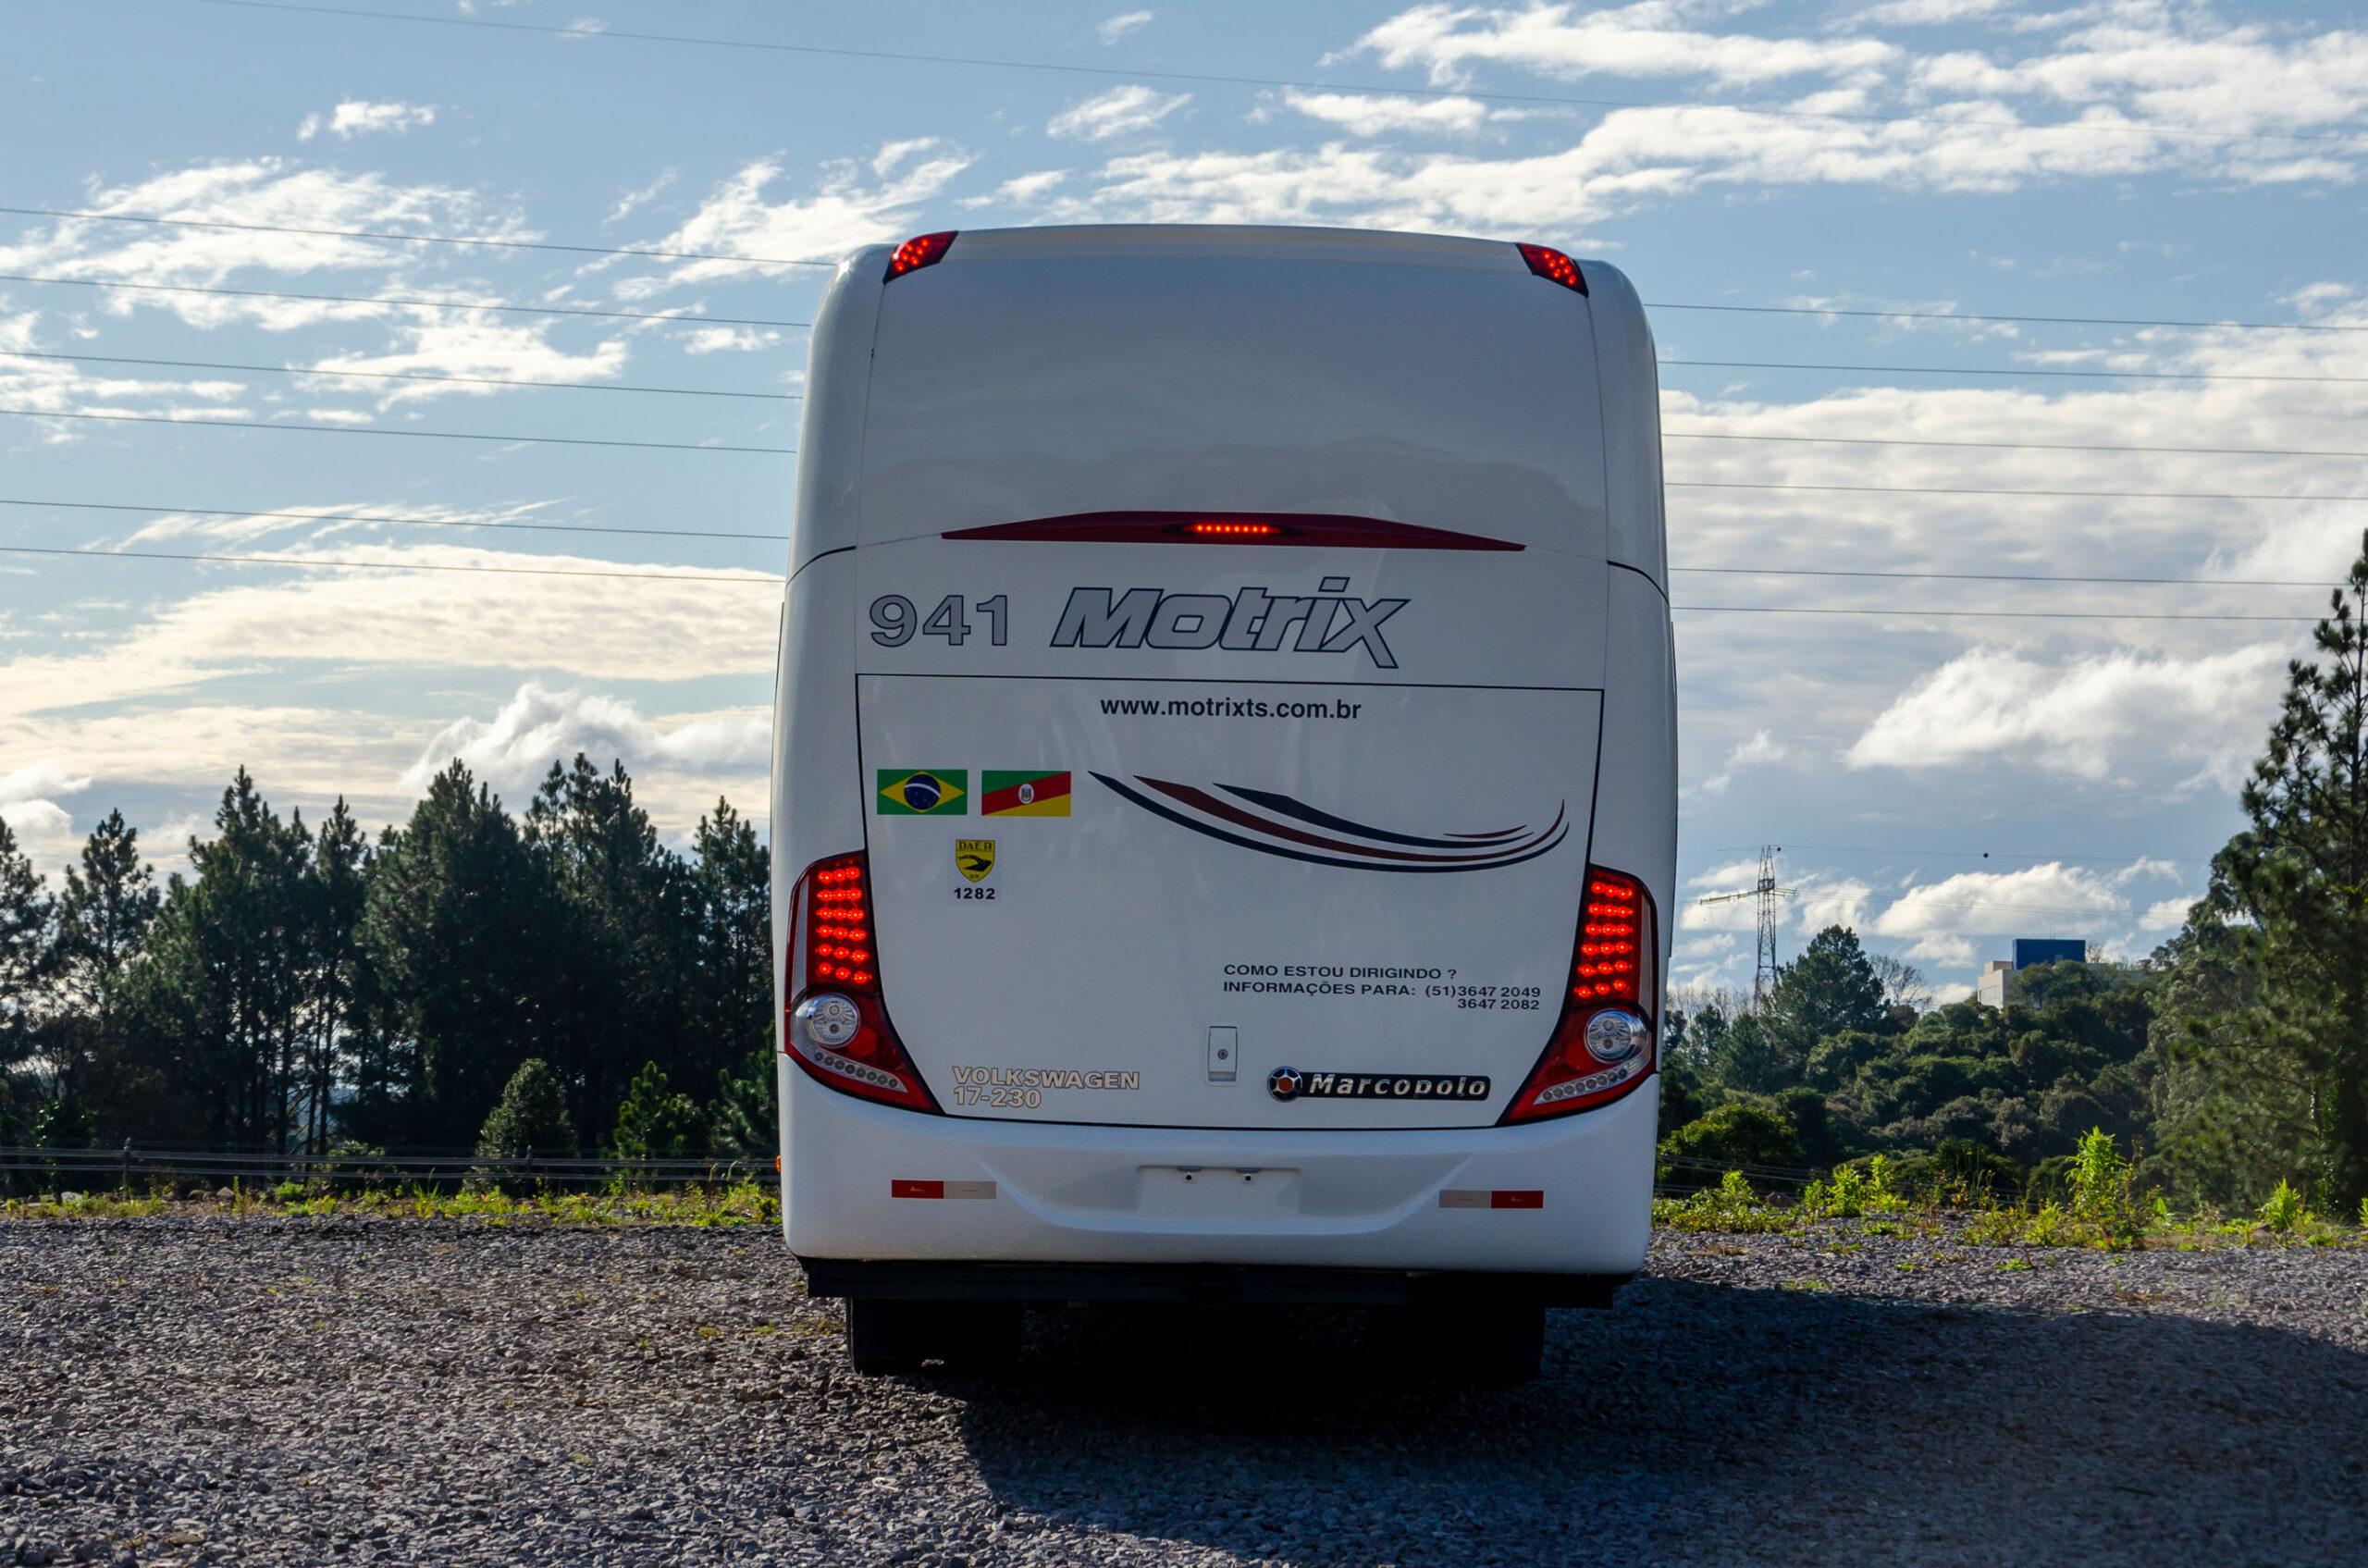 Viaggio-1050-Motrix-(12)